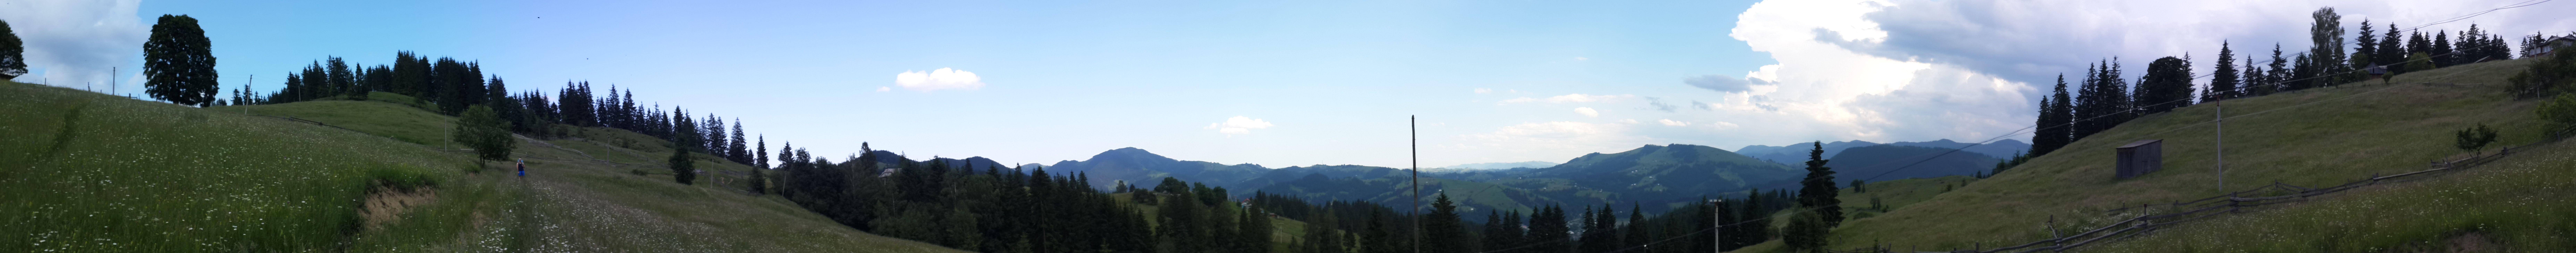 Верховина, Карпаты, горы